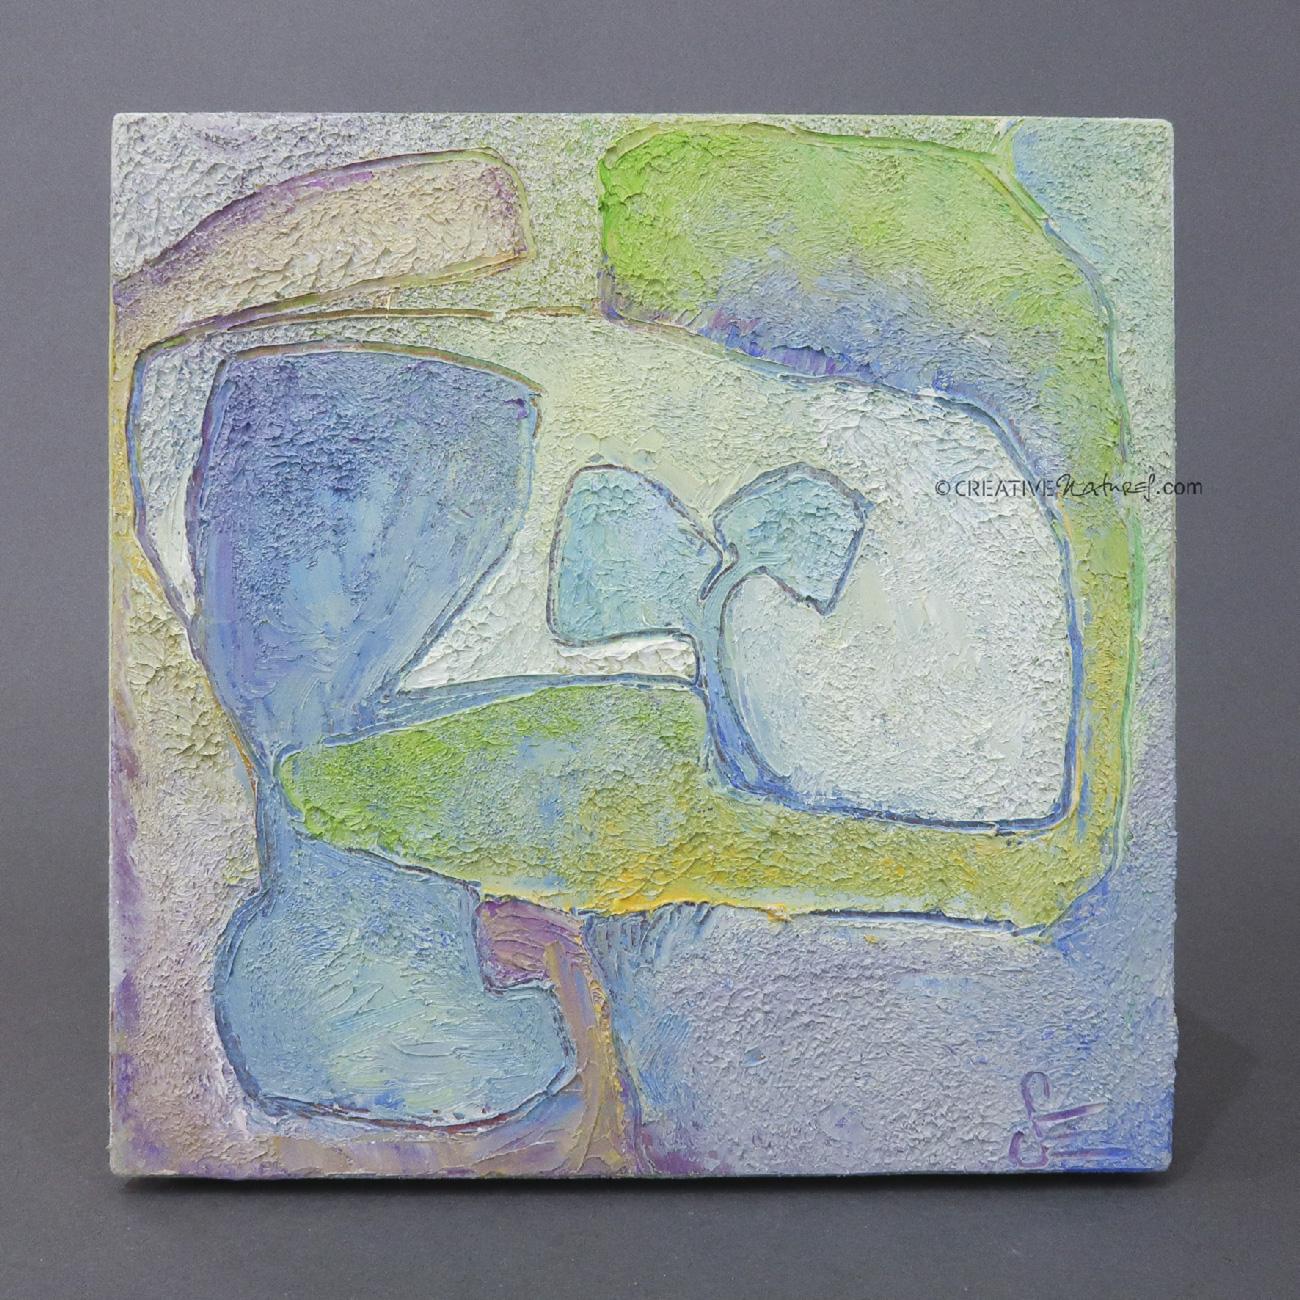 """Focusobjekt """"Gedankengarten 1"""", Draufsicht, Original Ölmalerei beidseitig bemalt, 10 x 10 x 3 cm, auf massivem Buchenholz, freistehend"""